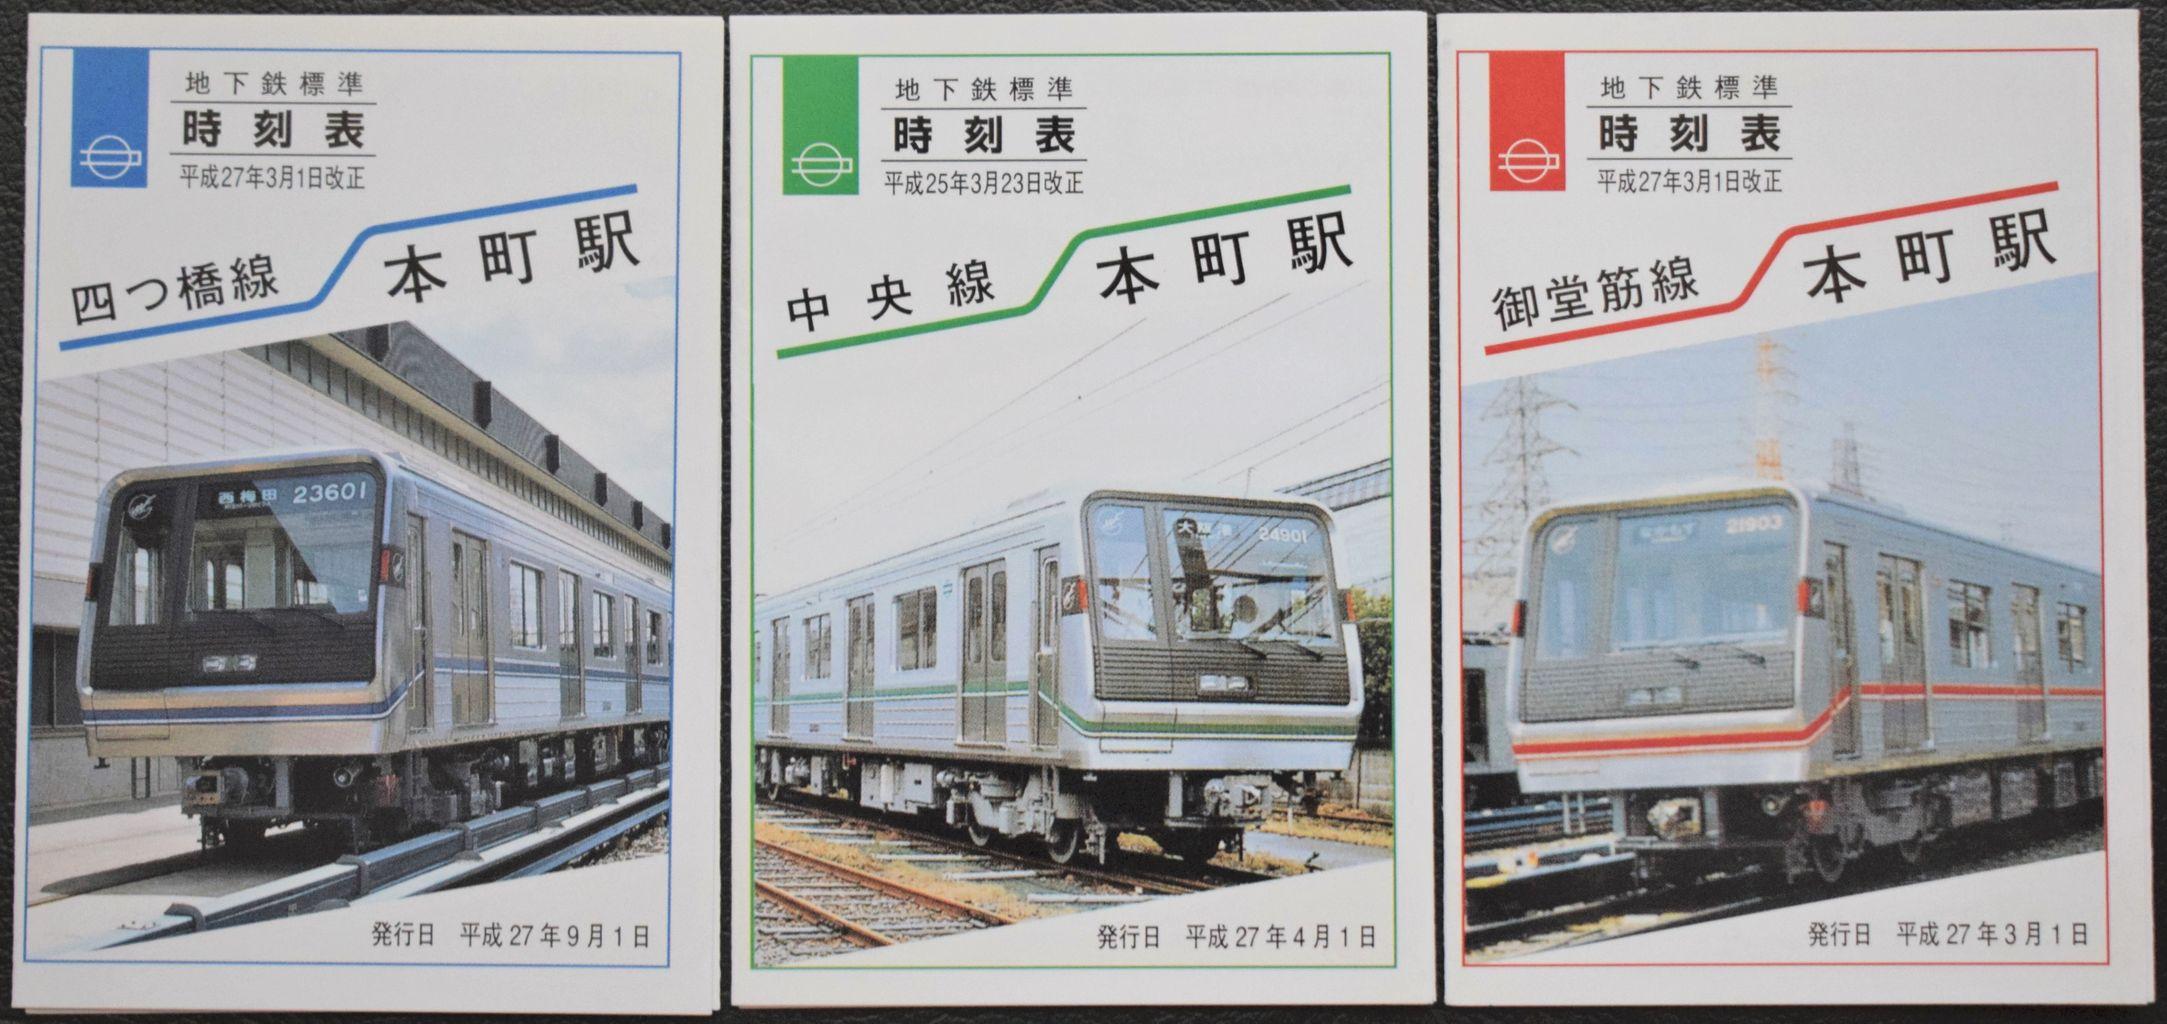 表 大阪 メトロ バス 時刻